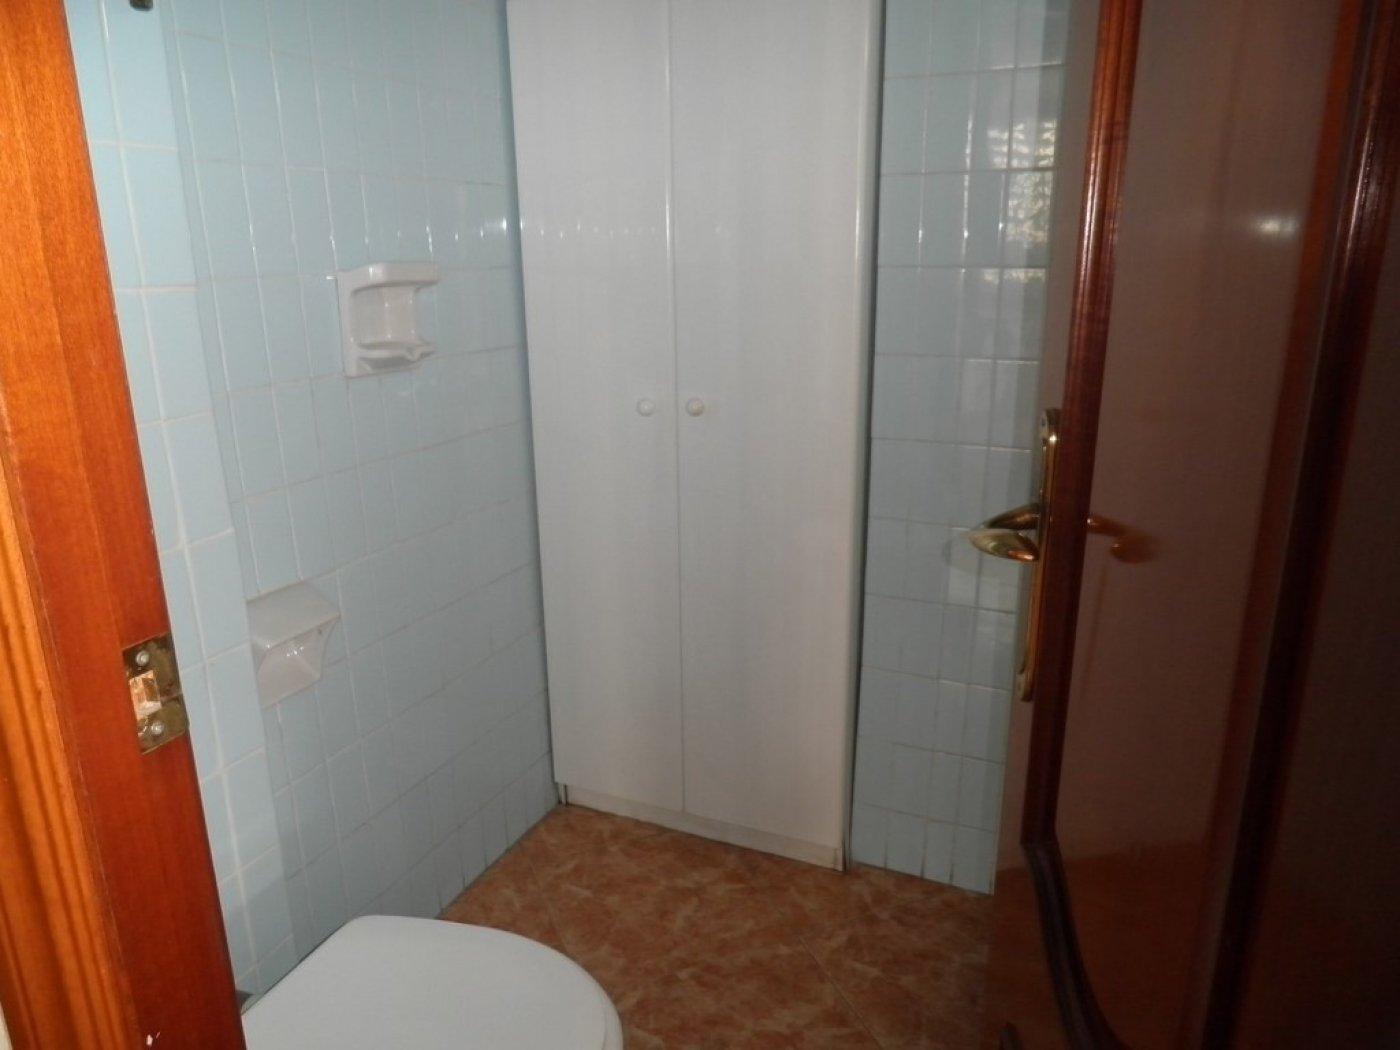 Oportunidad de vivienda reformada en finca con ascensor  y garaje incluido - imagenInmueble7